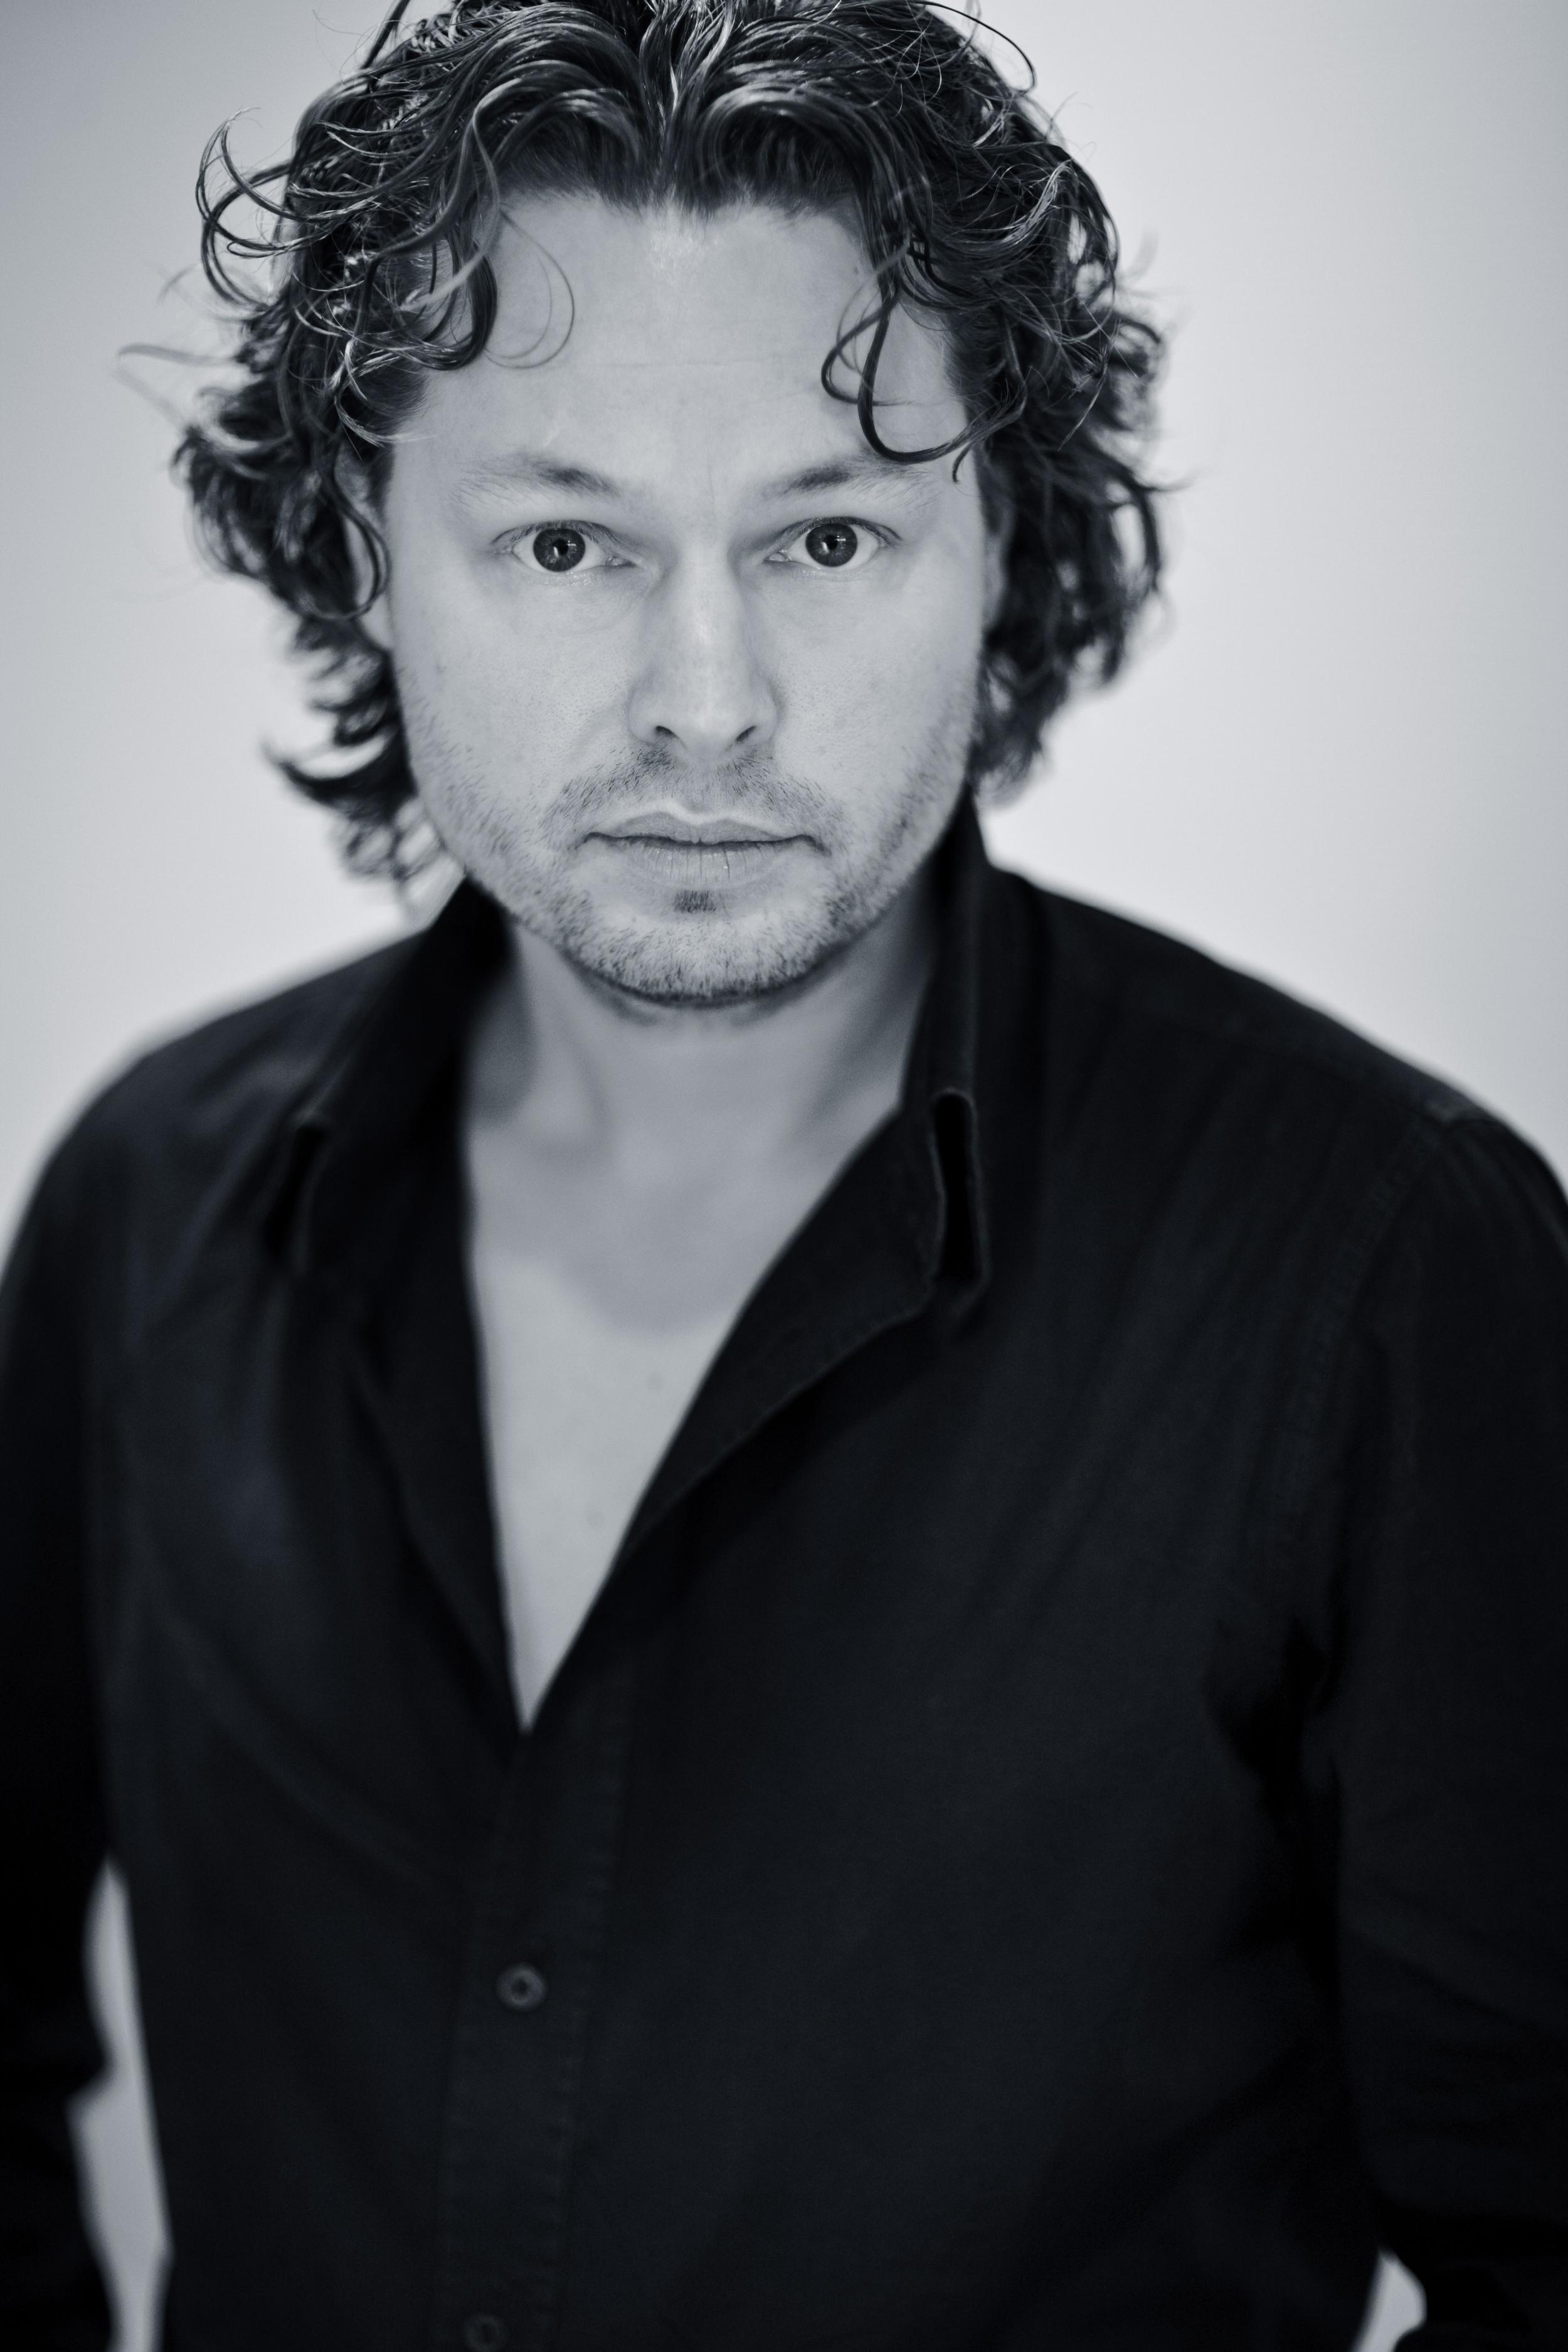 Aron van der Ploeg